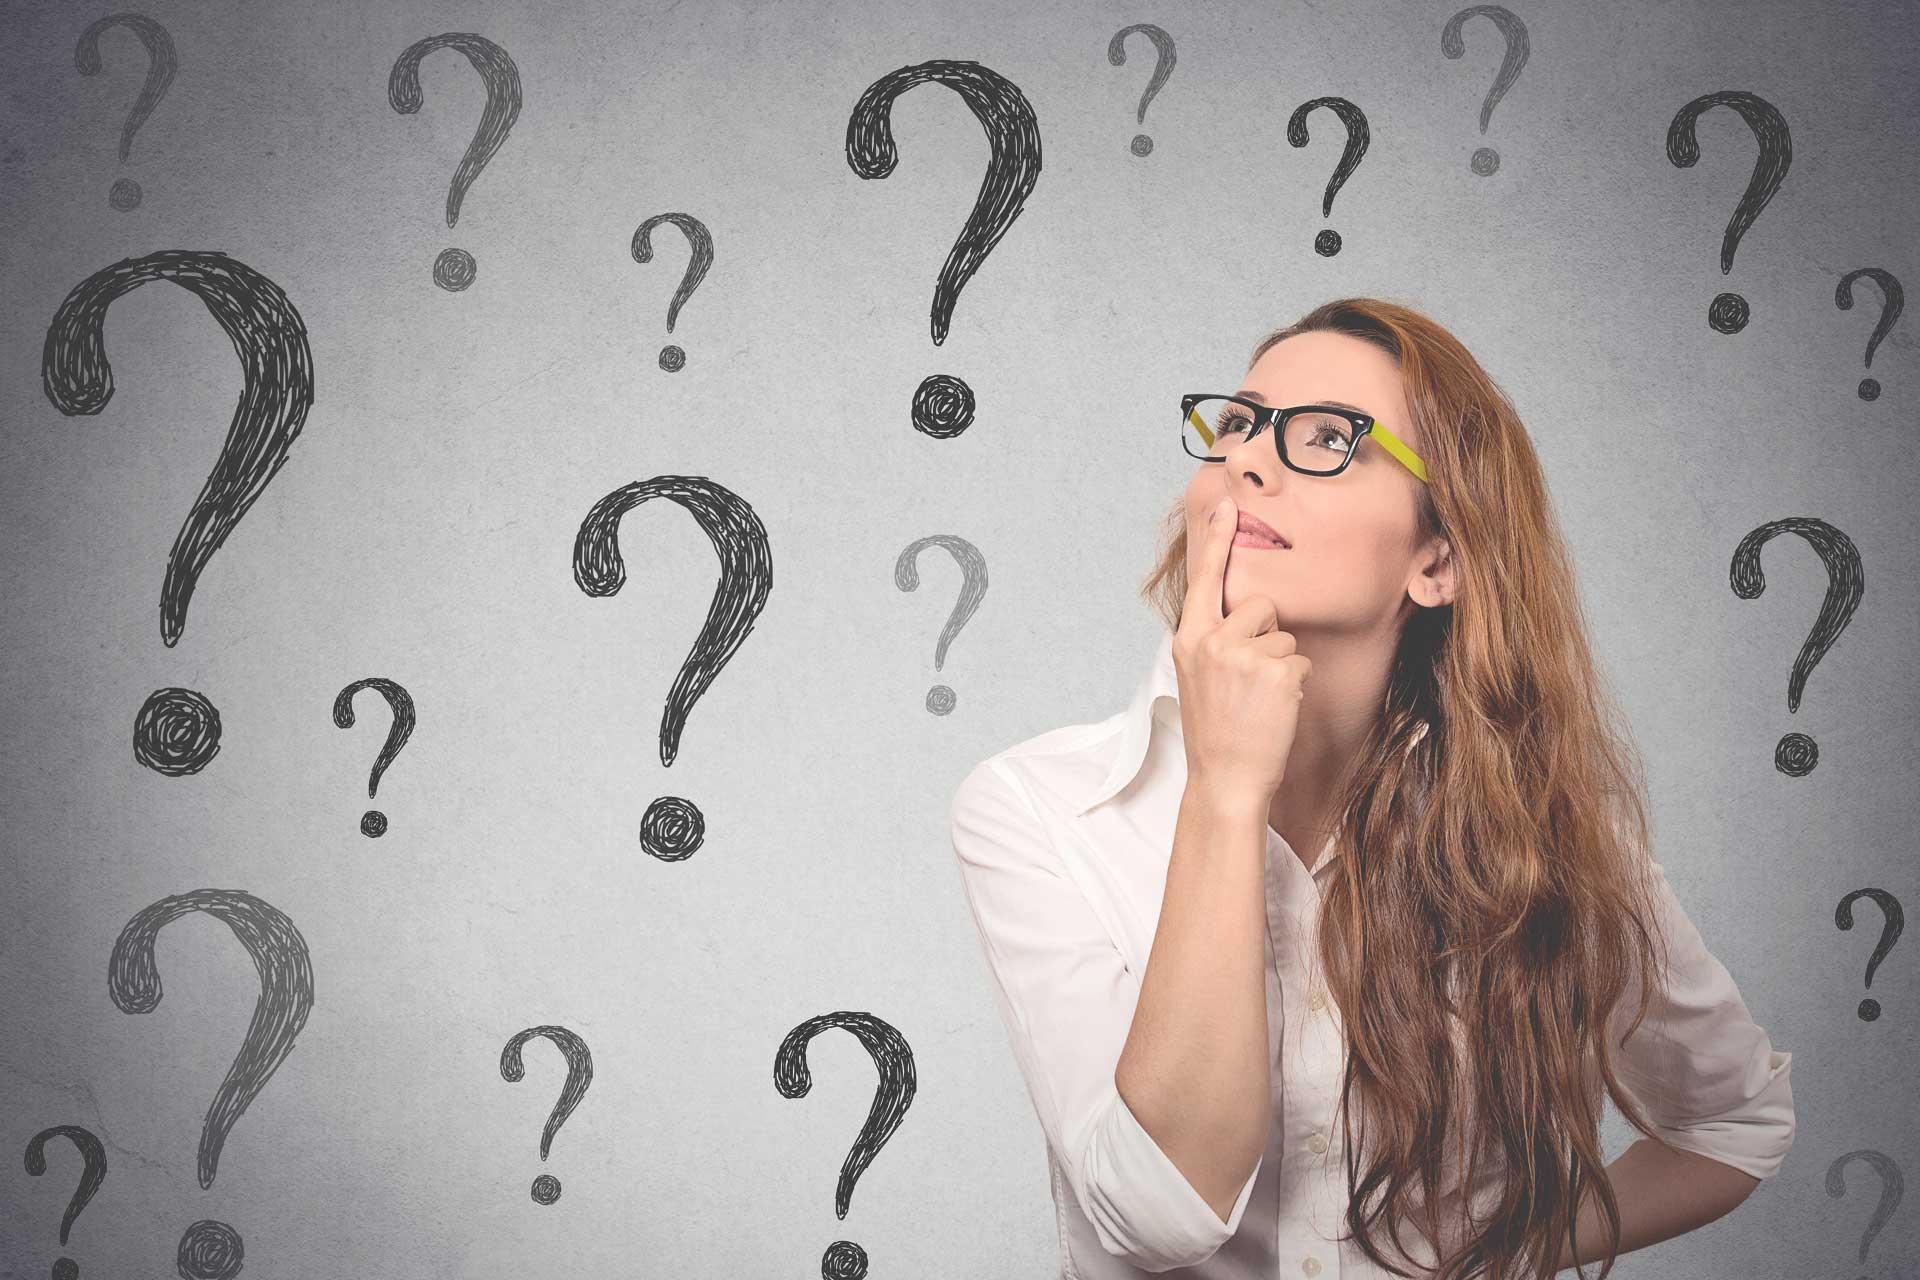 ¿Quieres cambiar de seguro de salud? Los pros y contras que debes conocer antes de tomar la decisión.